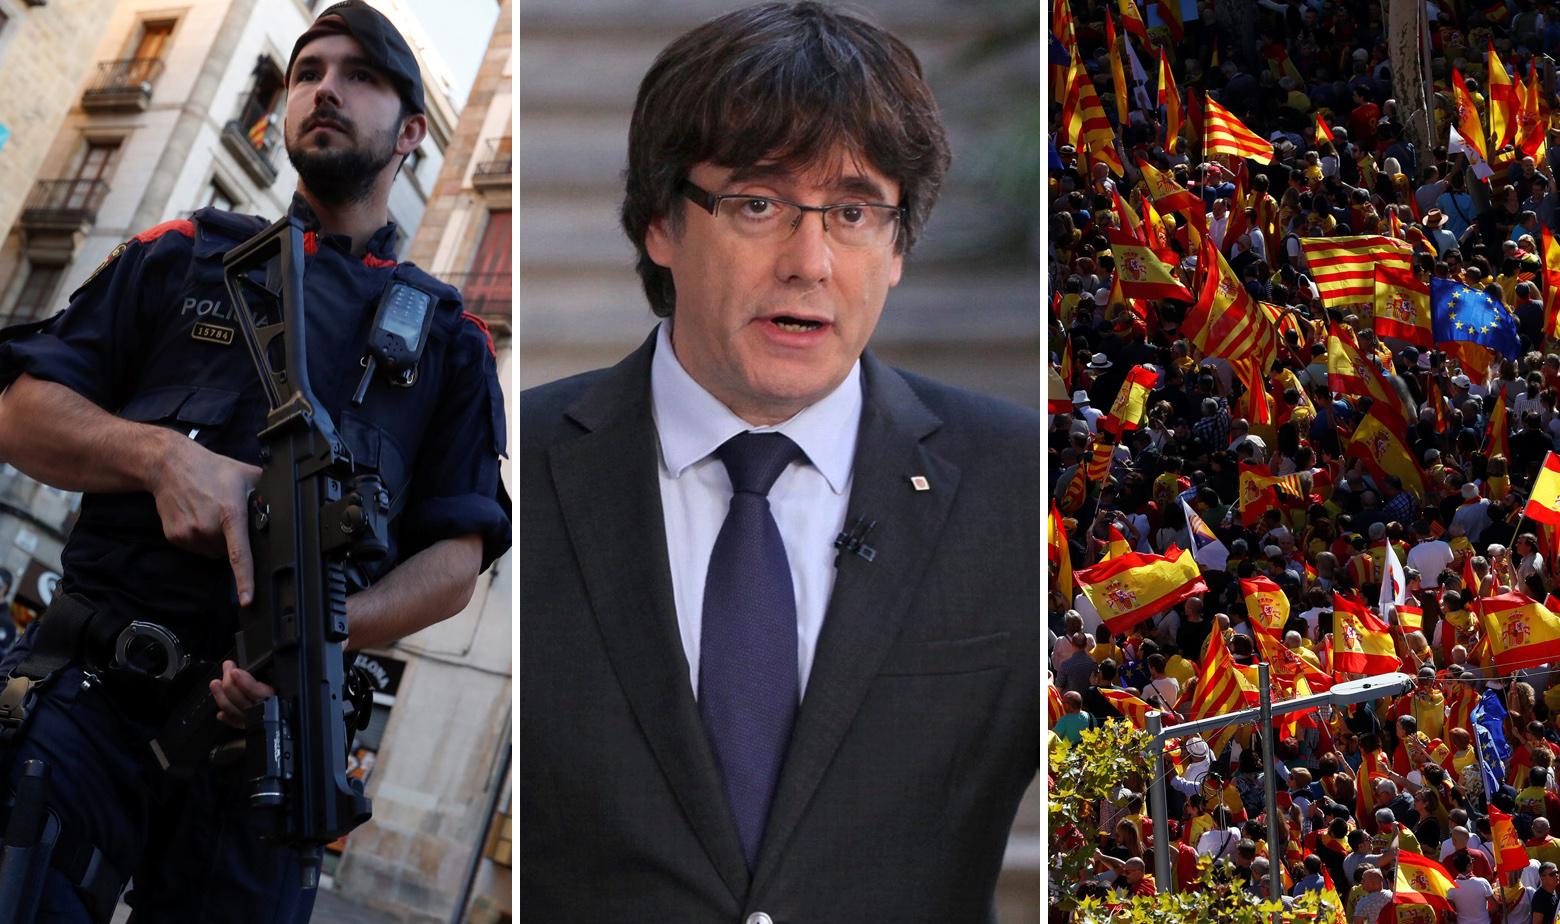 Katalonski policajac, Carles Puigdemont i prosvjedi u Barceloni protiv neovisnosti Katalonije